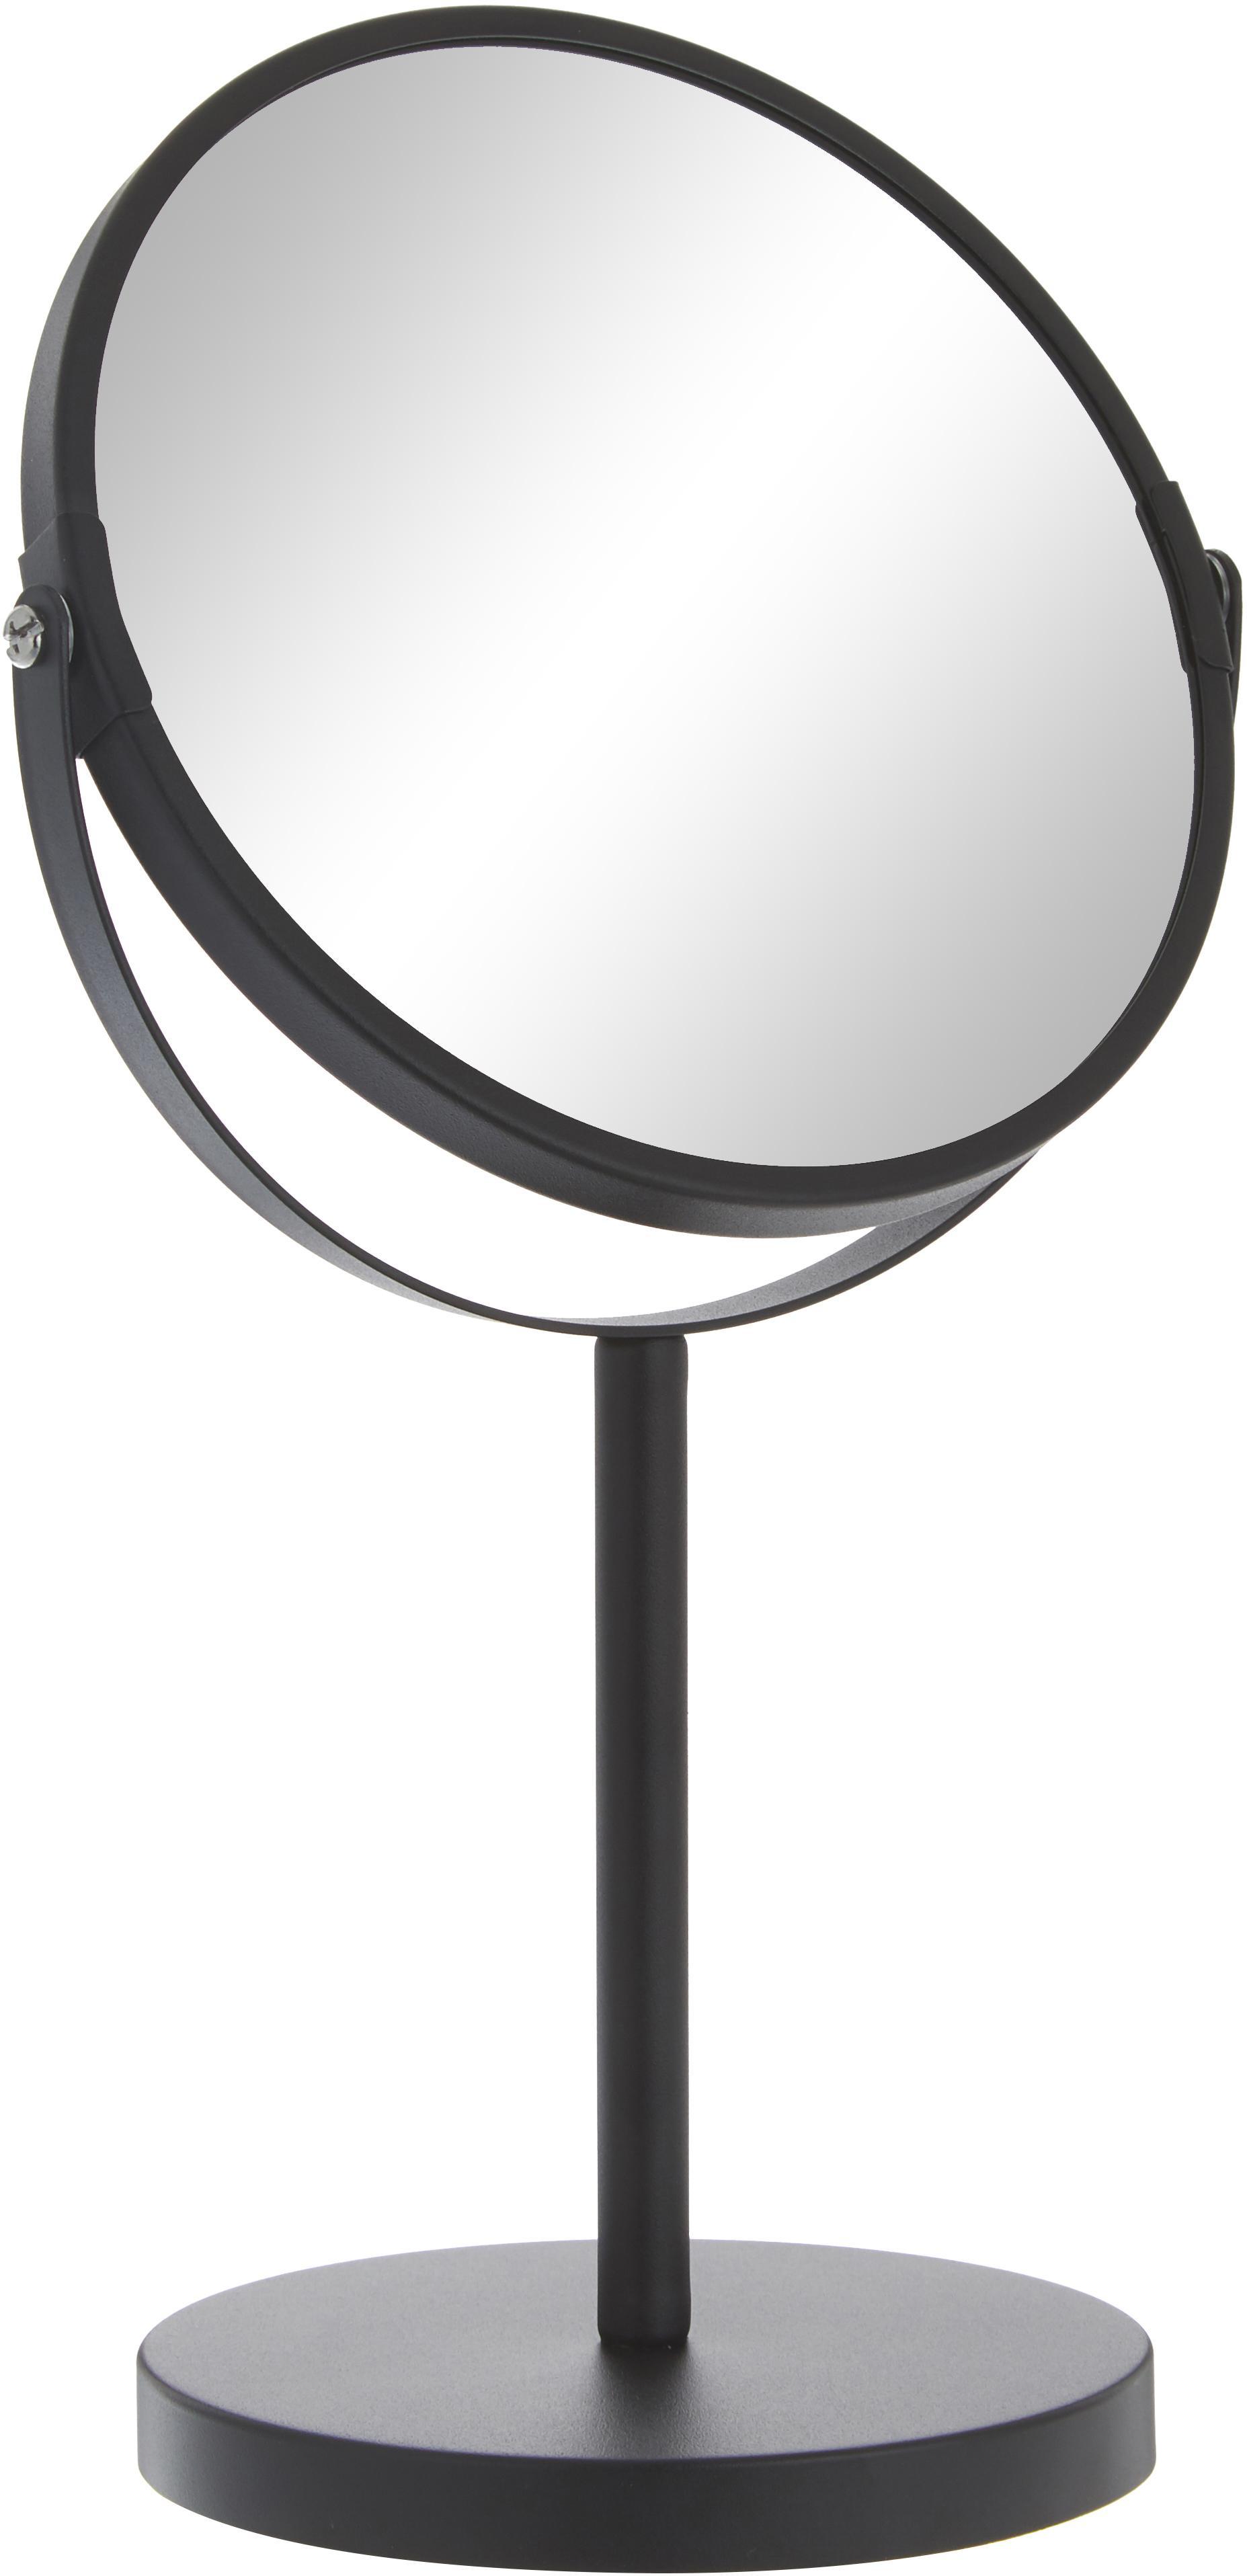 Specchio cosmetico Classic con ingrandimento, Cornice: metallo, Superficie dello specchio: lastra di vetro, Cornice: nero Superficie dello specchio: lastra di vetro, Ø 20 x A 35 cm